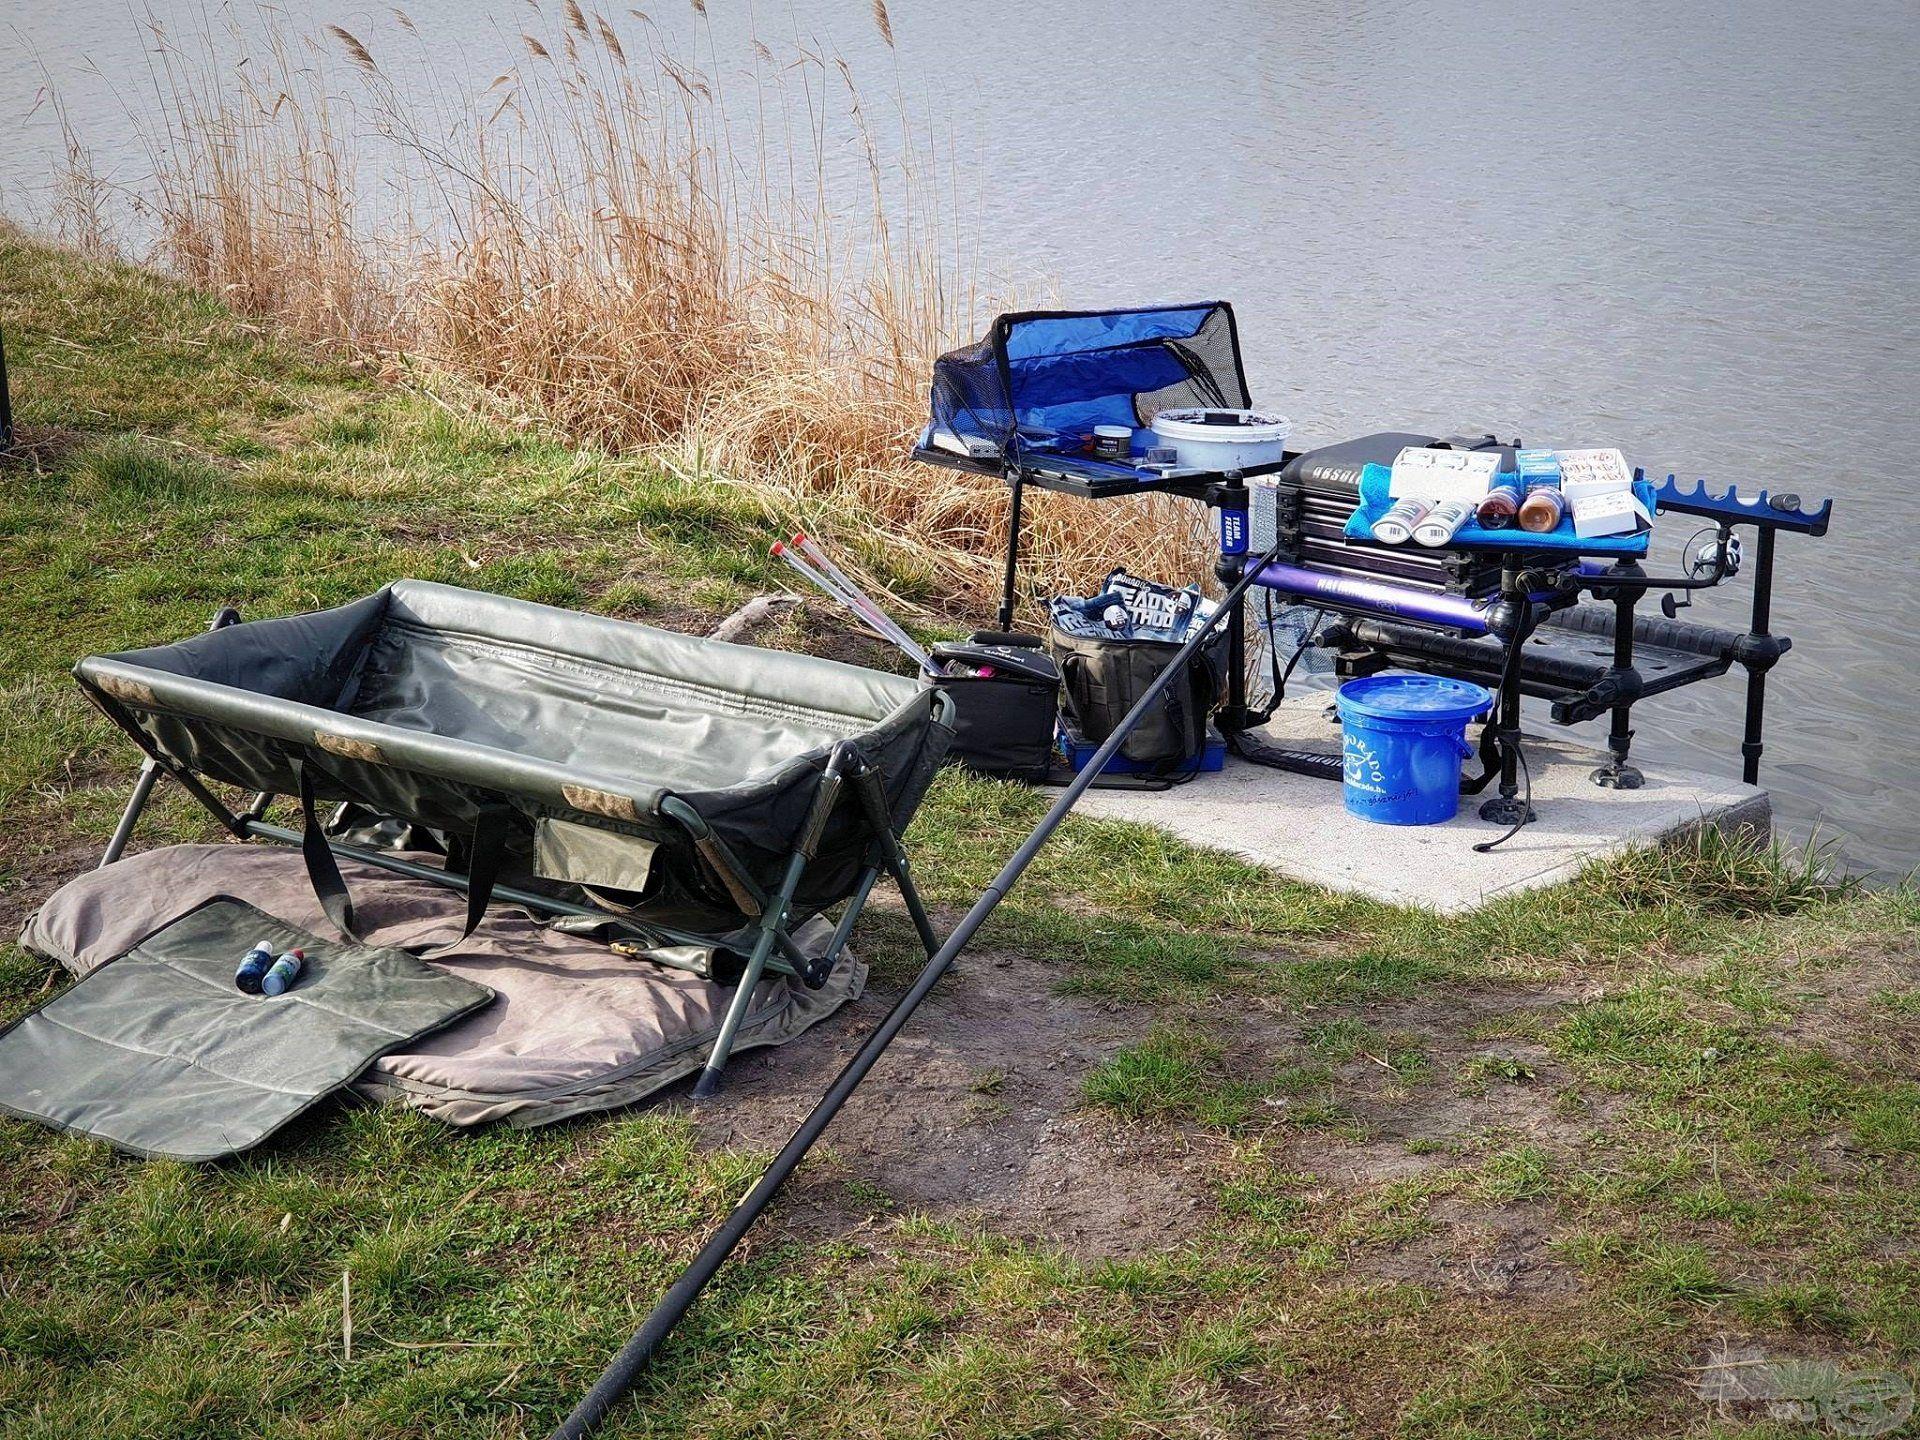 A precíz, jó ízlésű horgász, minden körülmények között rendet tart maga körül, mi is törekedjünk erre!